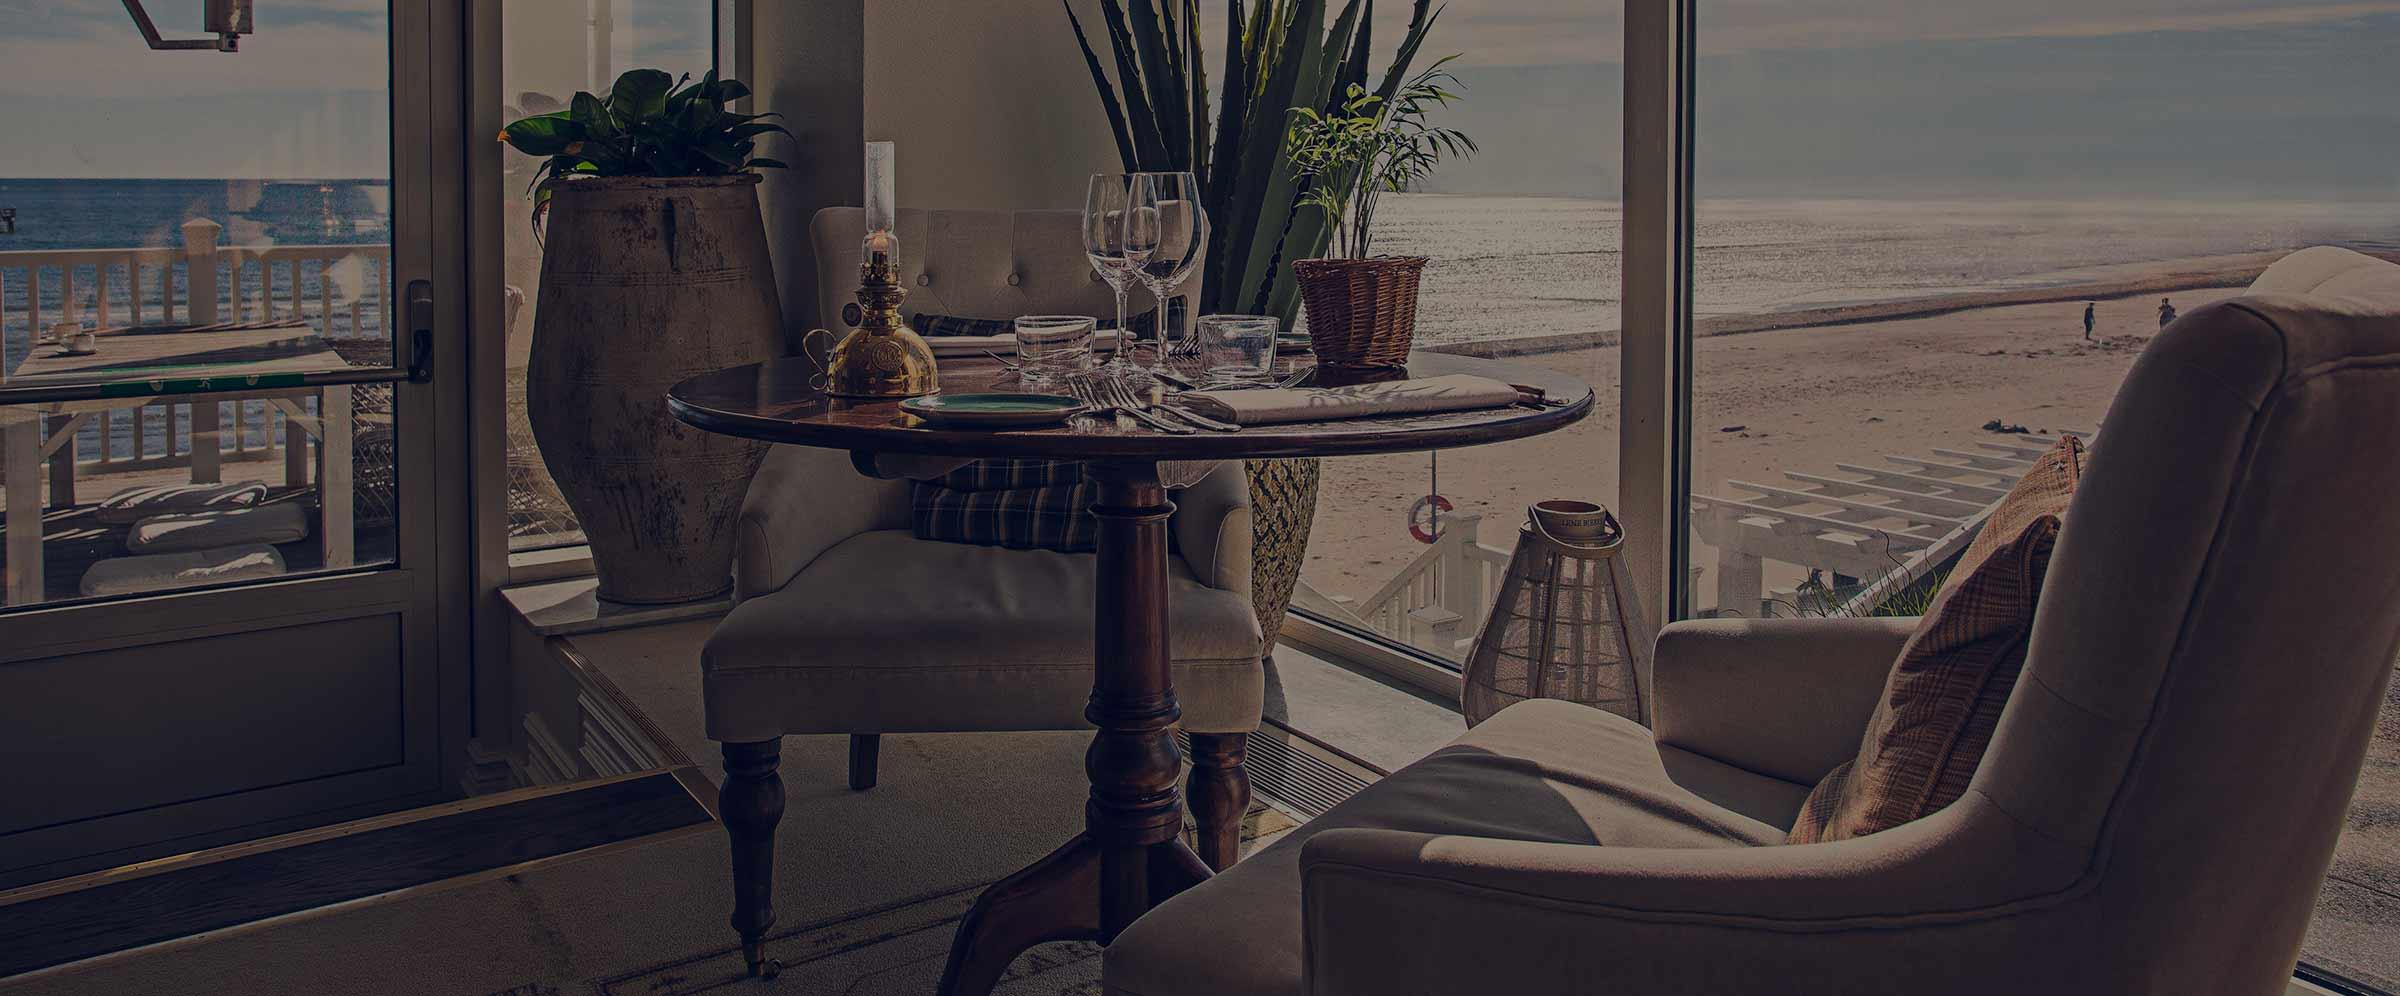 Boka bord på restaurang Famille på Falkenberg Strandbad